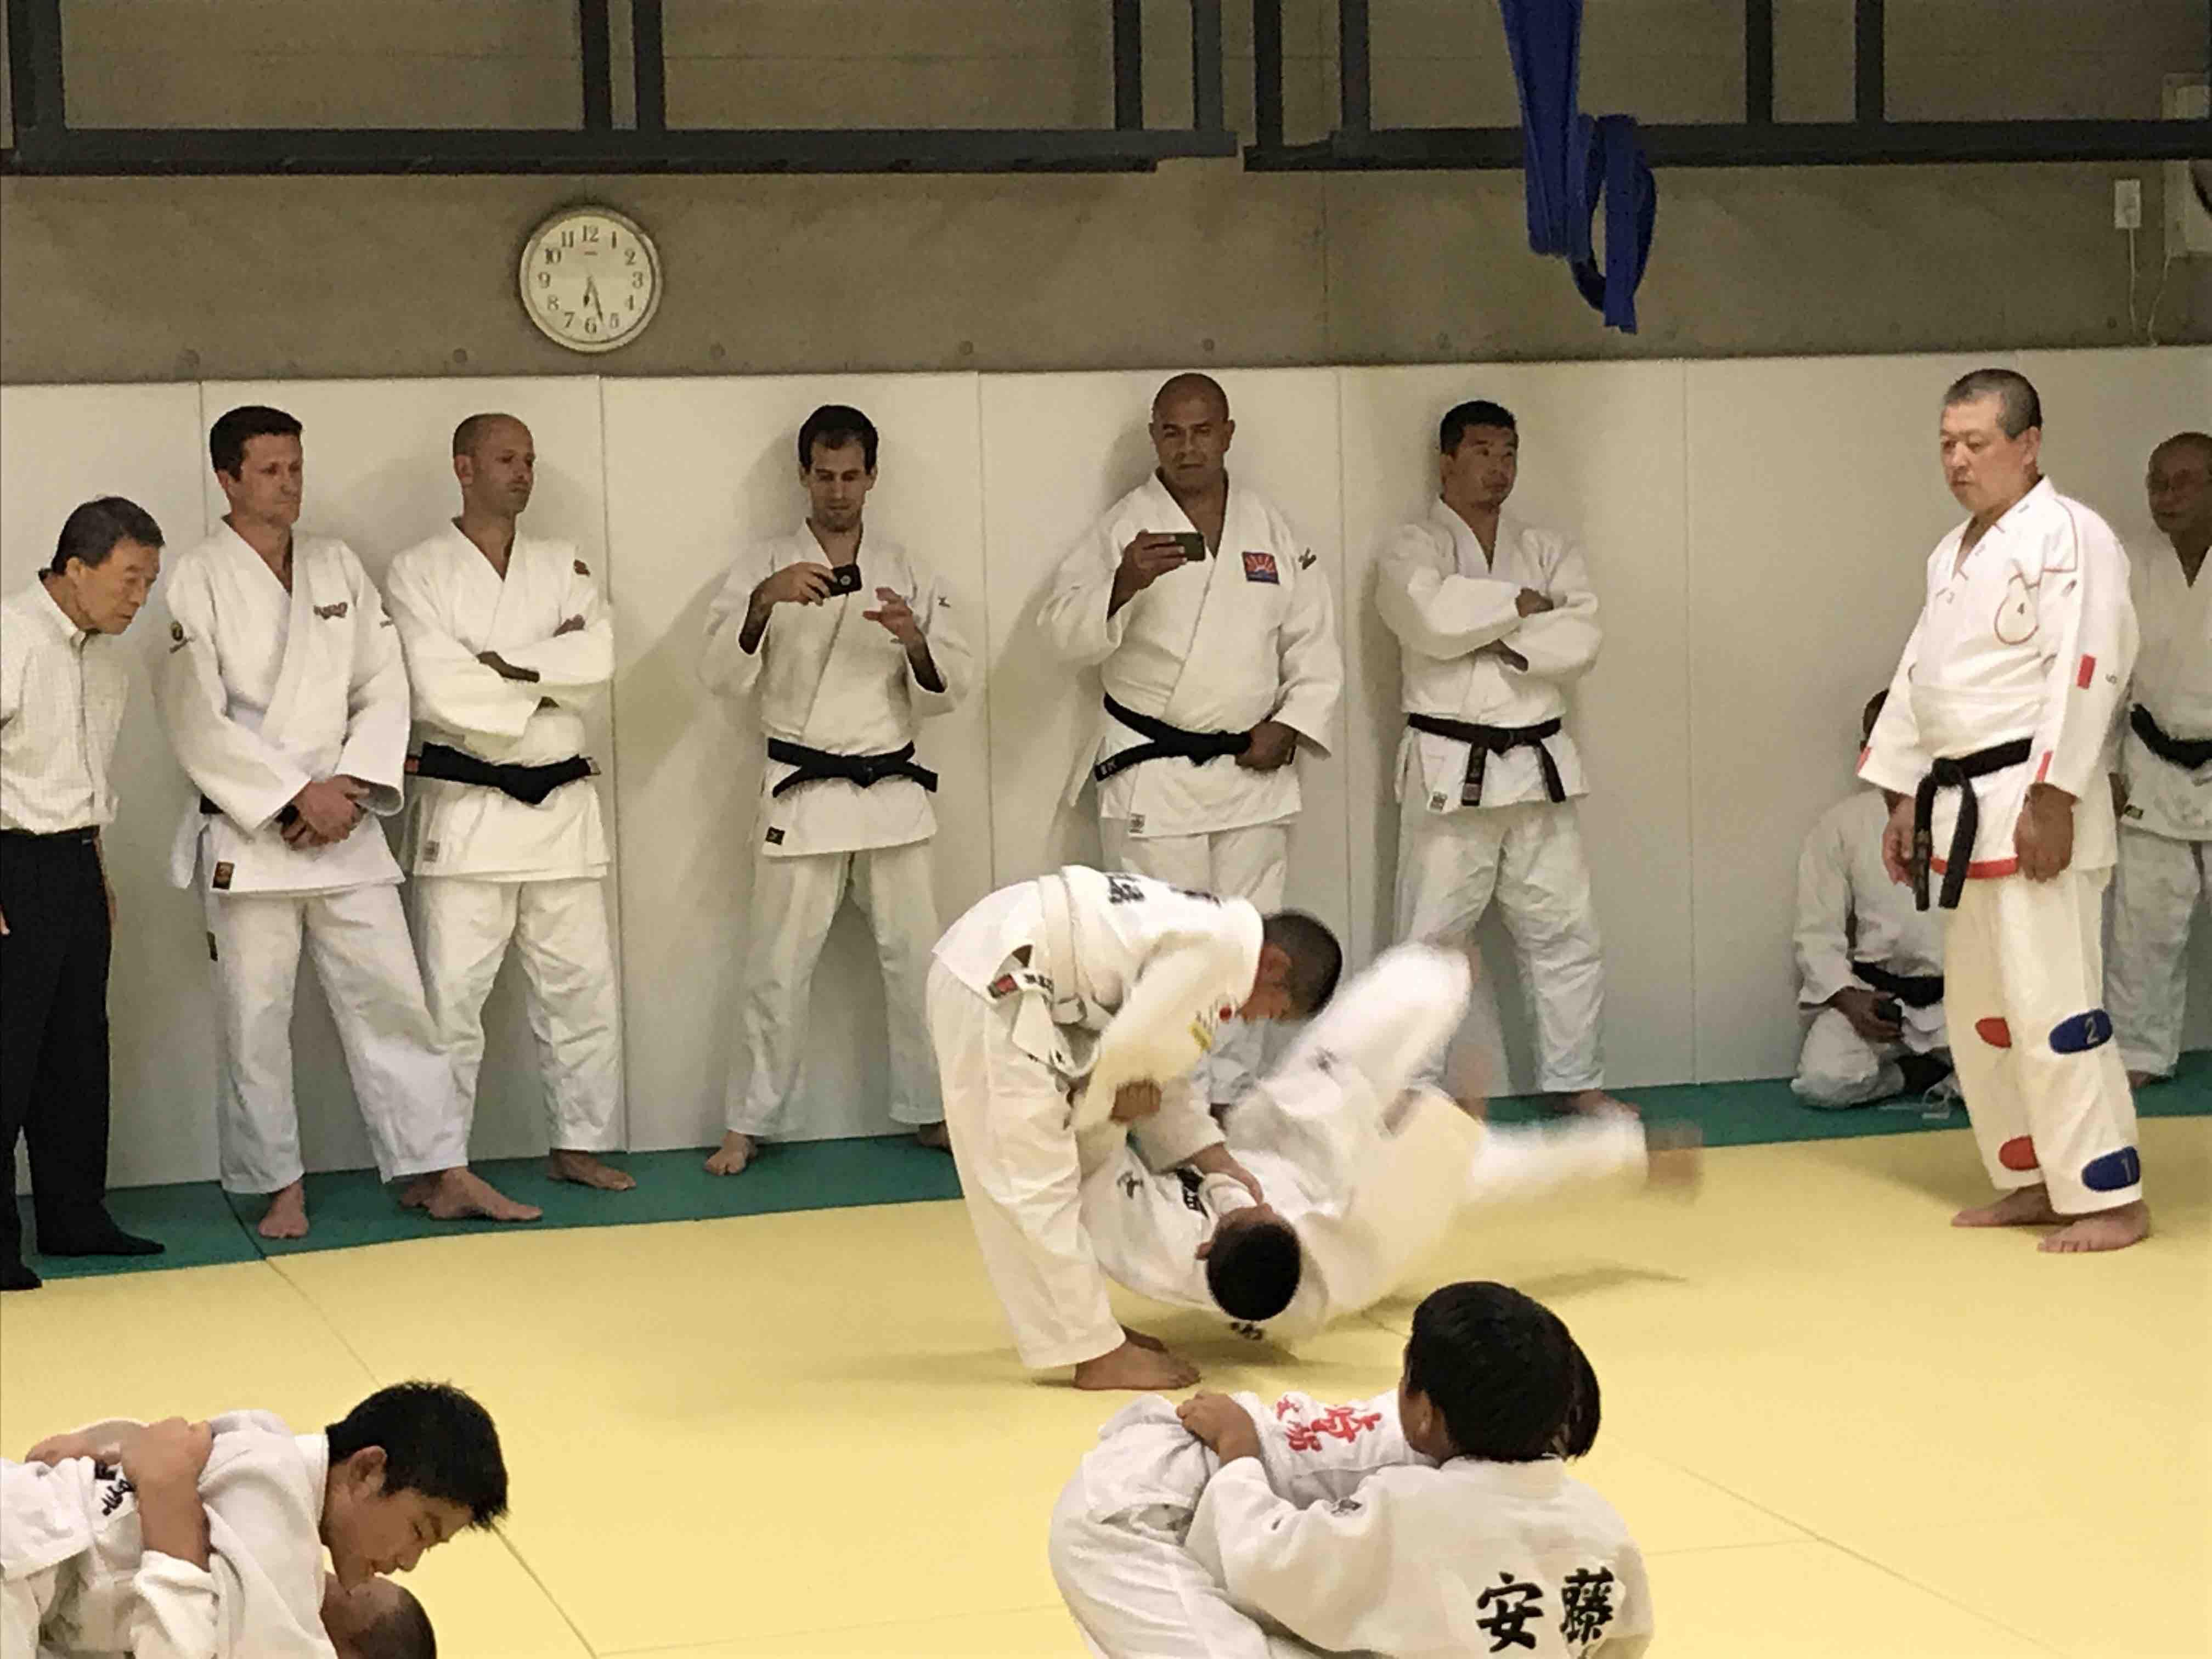 ディスカバリーキャンプ トゥモローズフレンズプログラム〜柔道の学校体育導入支援〜3